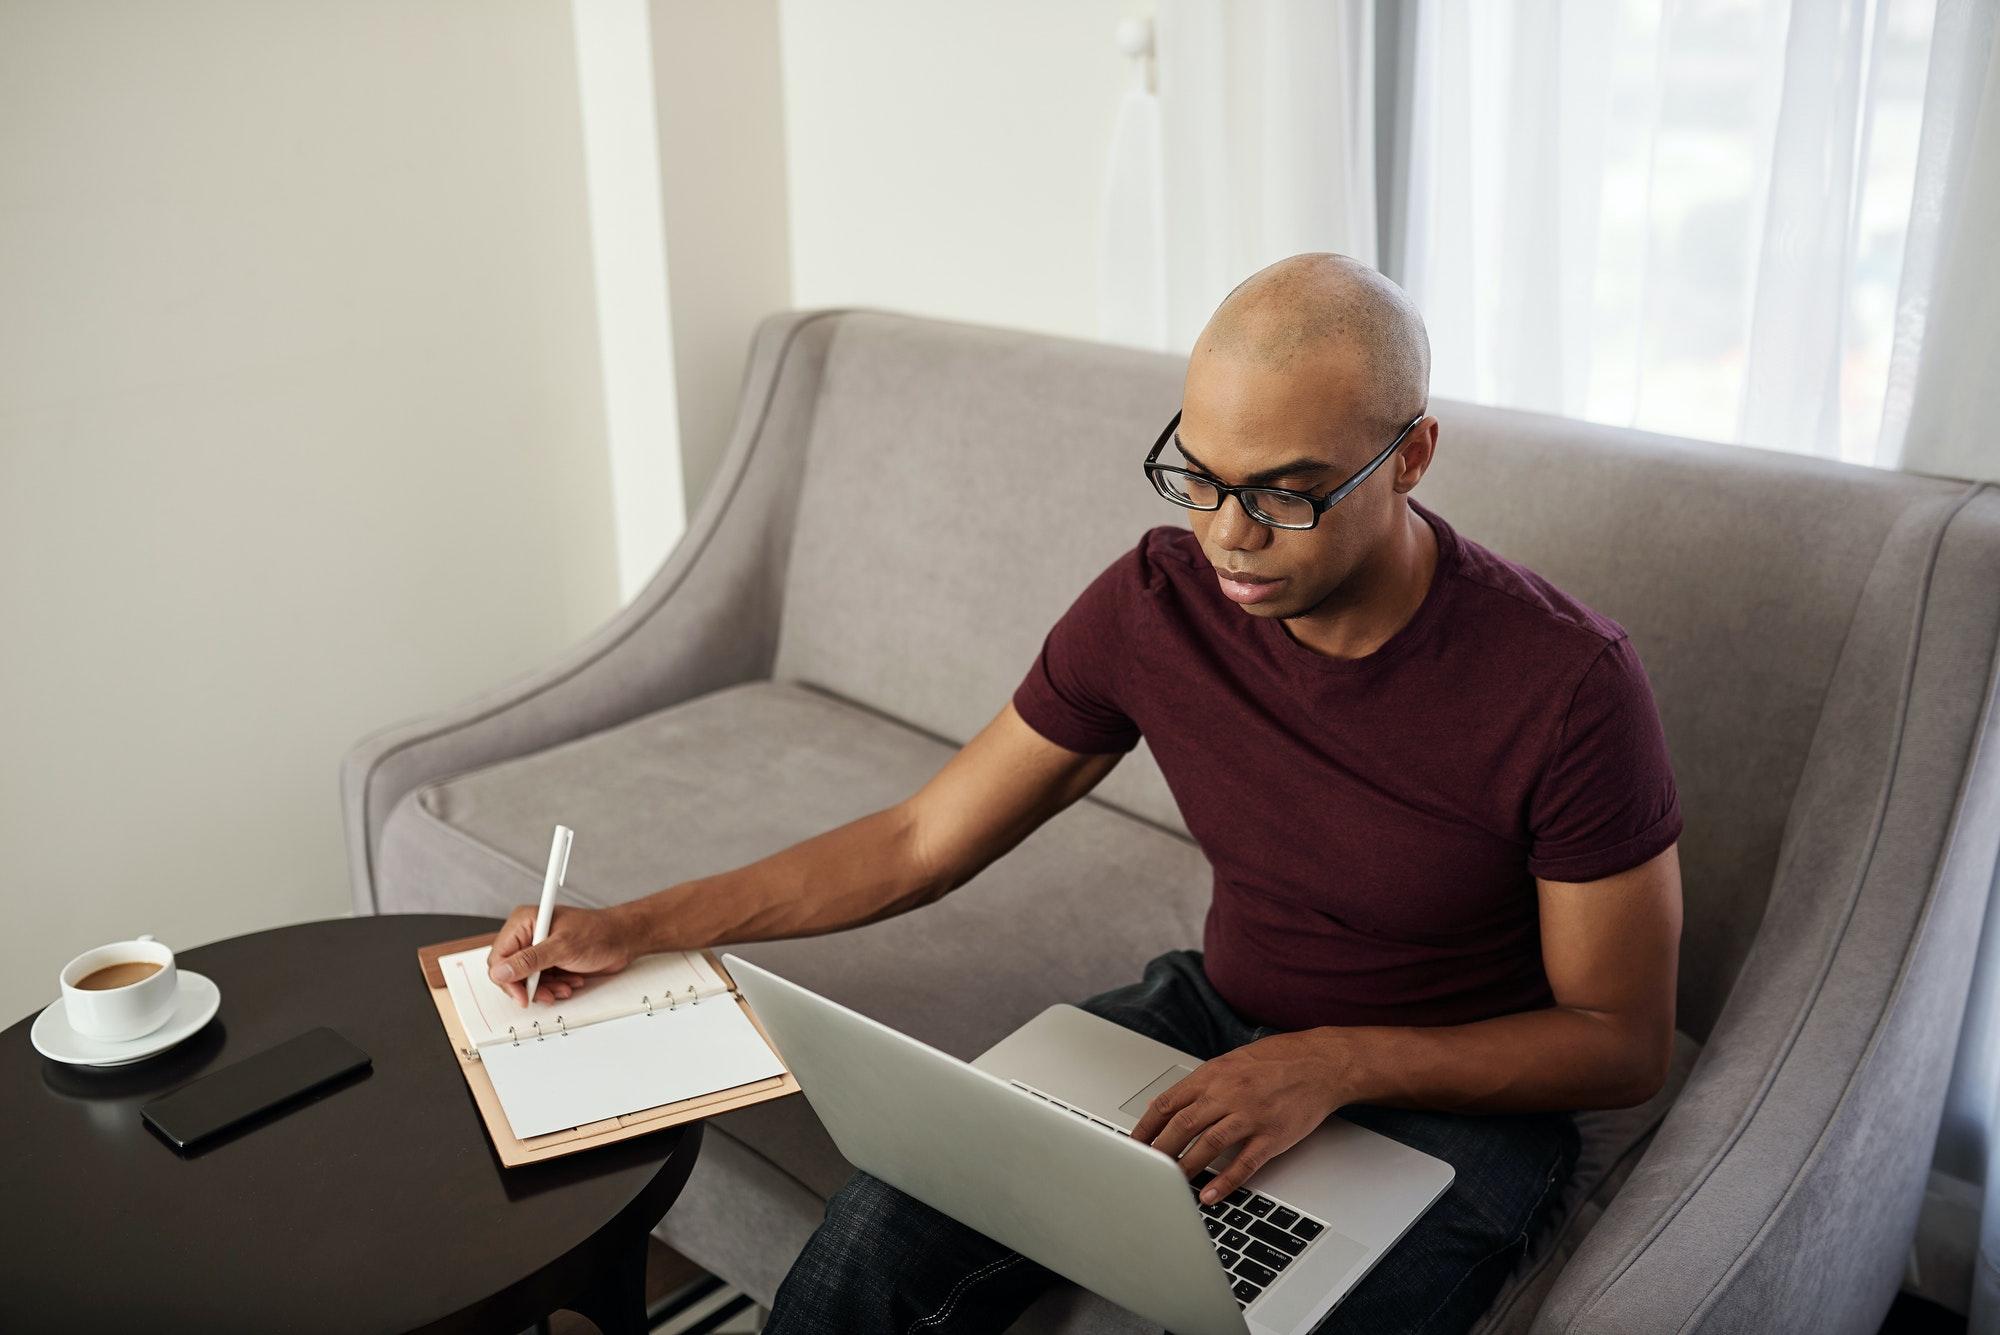 Man watching webinar